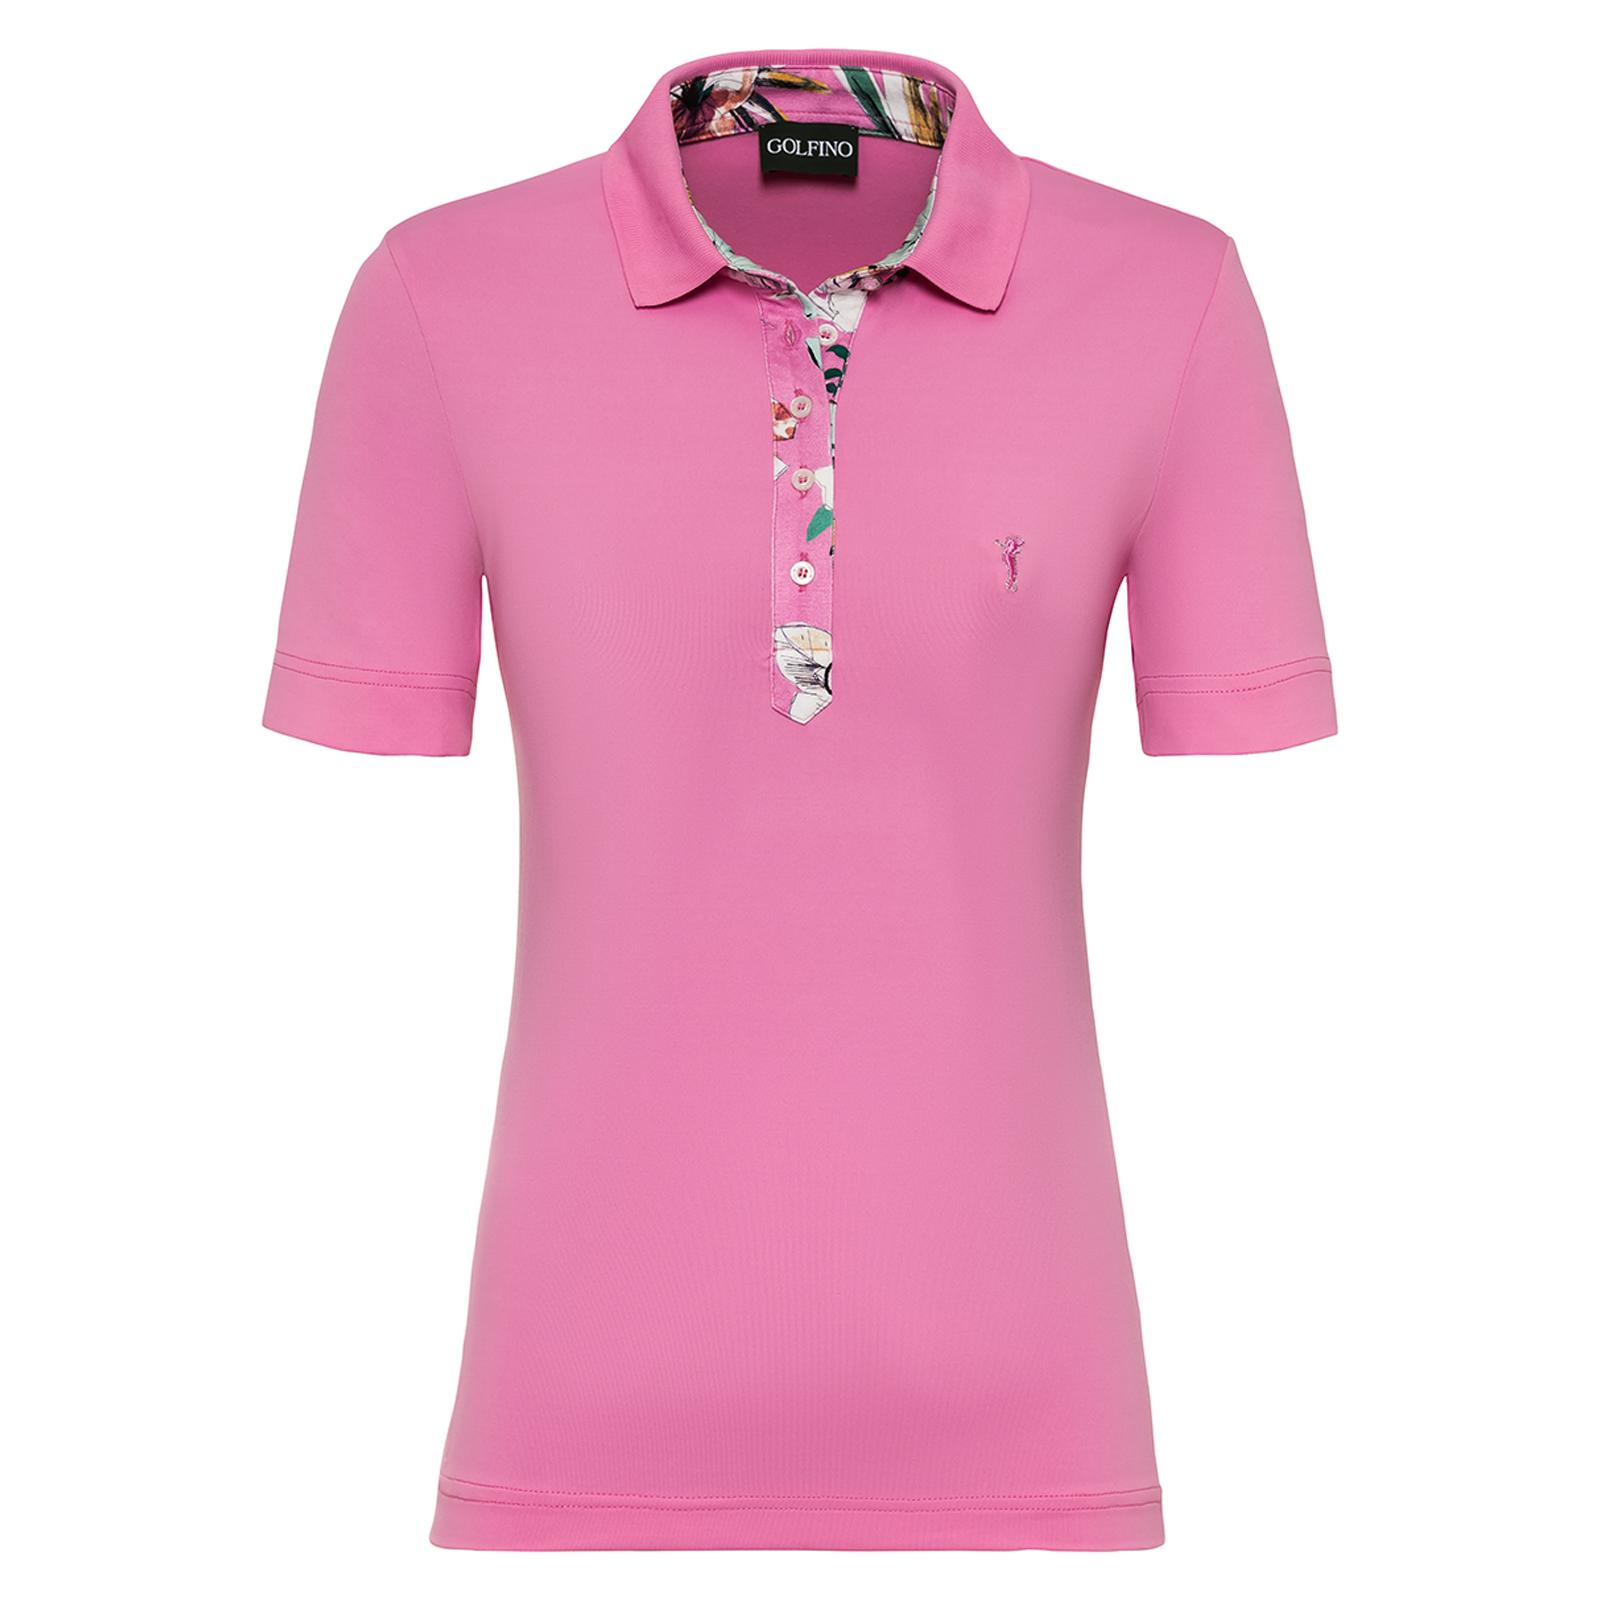 Kurzärmeliges Damen Golf-Polo mit DryComfort-Funktion